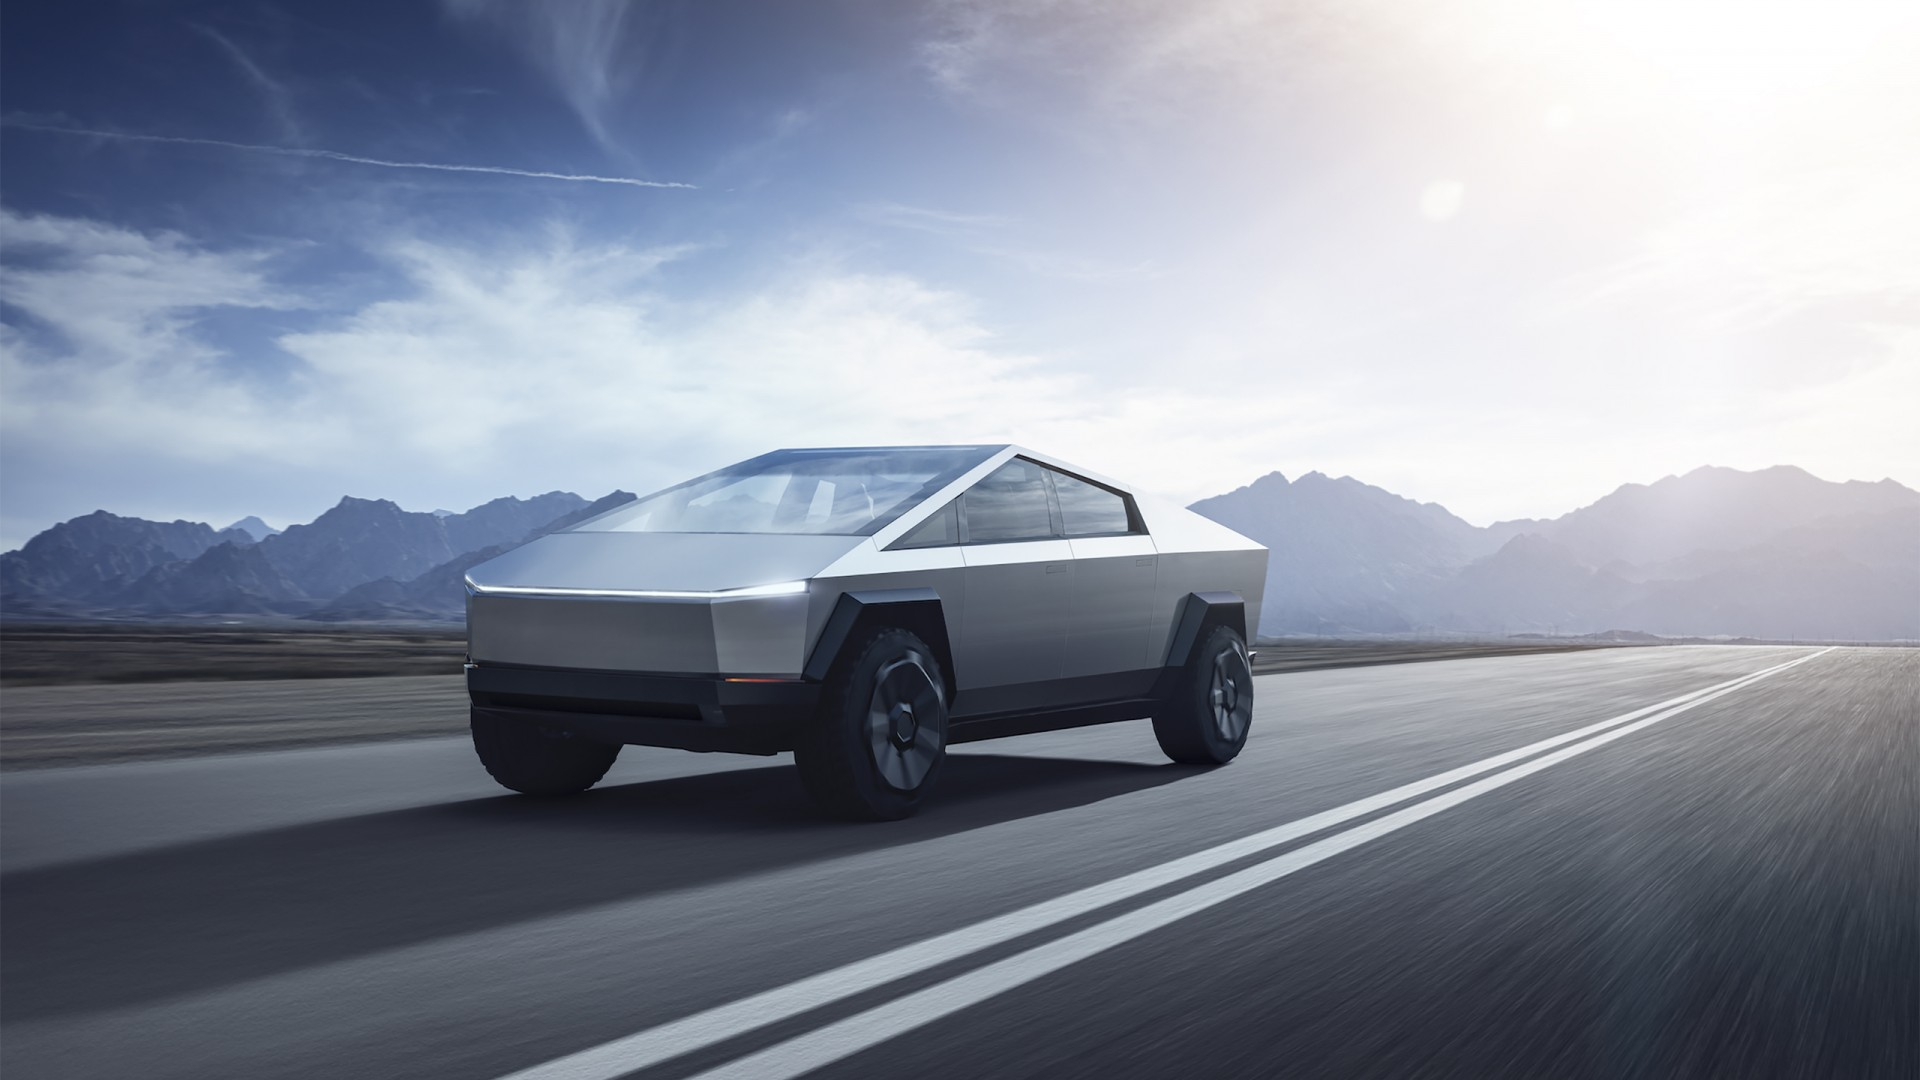 Tesla Cybertruck Prototype 2019 3 Wallpaper Hd Car